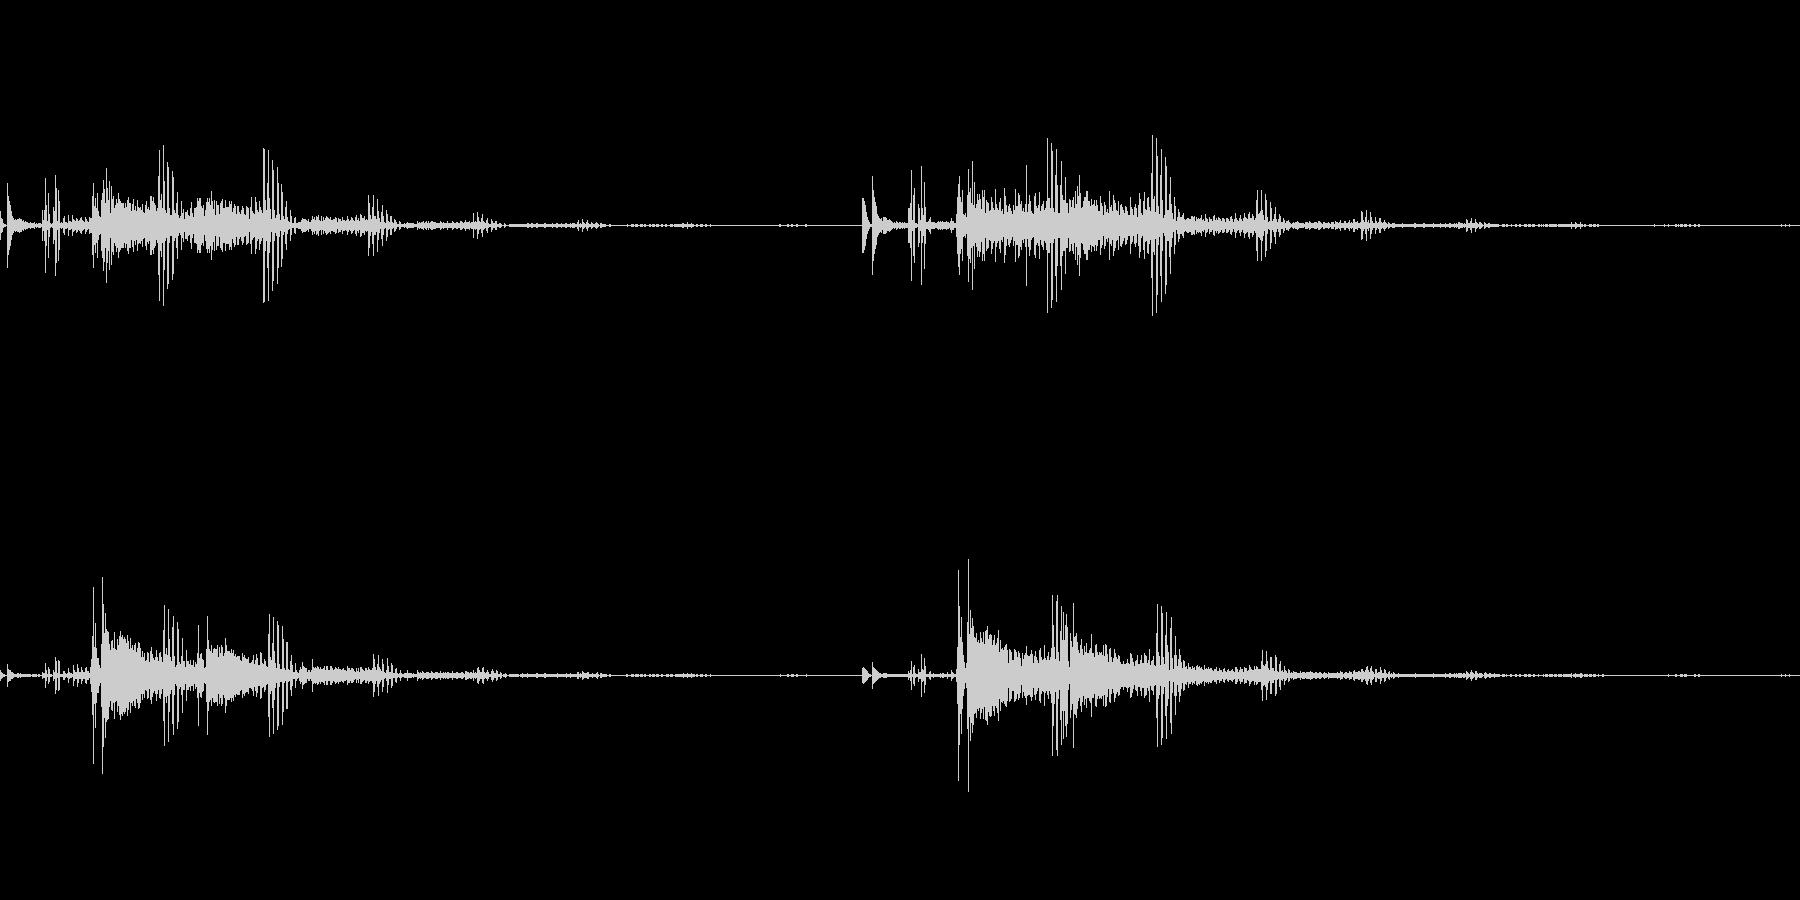 宇宙っぽい電子音2の未再生の波形